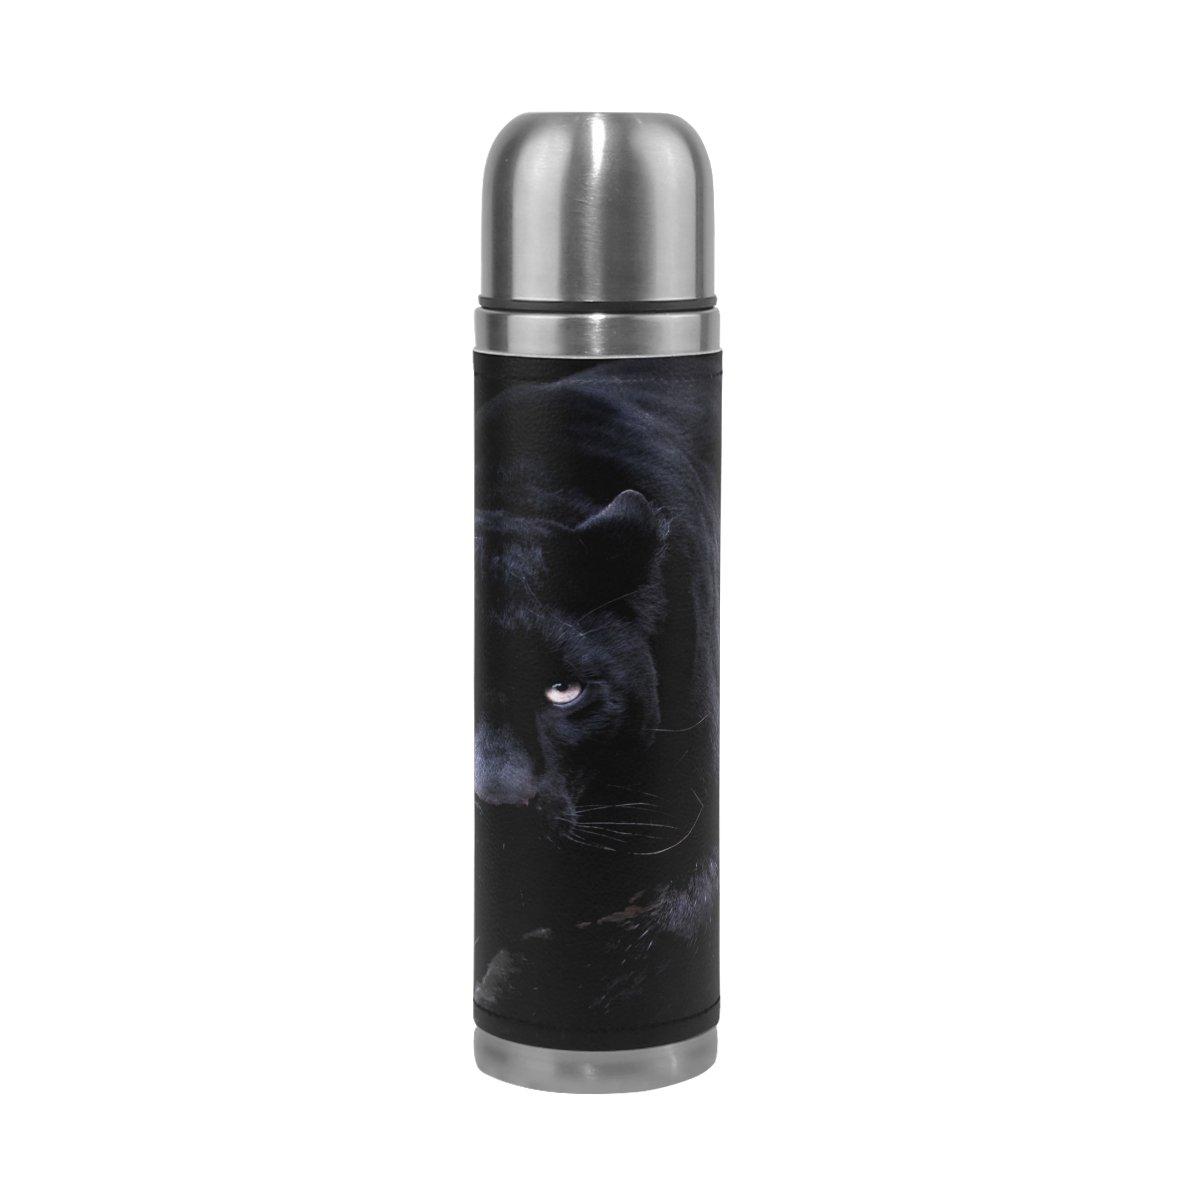 春先取りの feihuangかわいい子犬ステンレススチールleak-proof真空断熱フラスコポットスポーツ二重壁水ボトルレザーThermo Jug Black Jug B07CY1PJHT Black Panther B07CY1PJHT, ニッシンシ:c115f0d0 --- vezam.lt